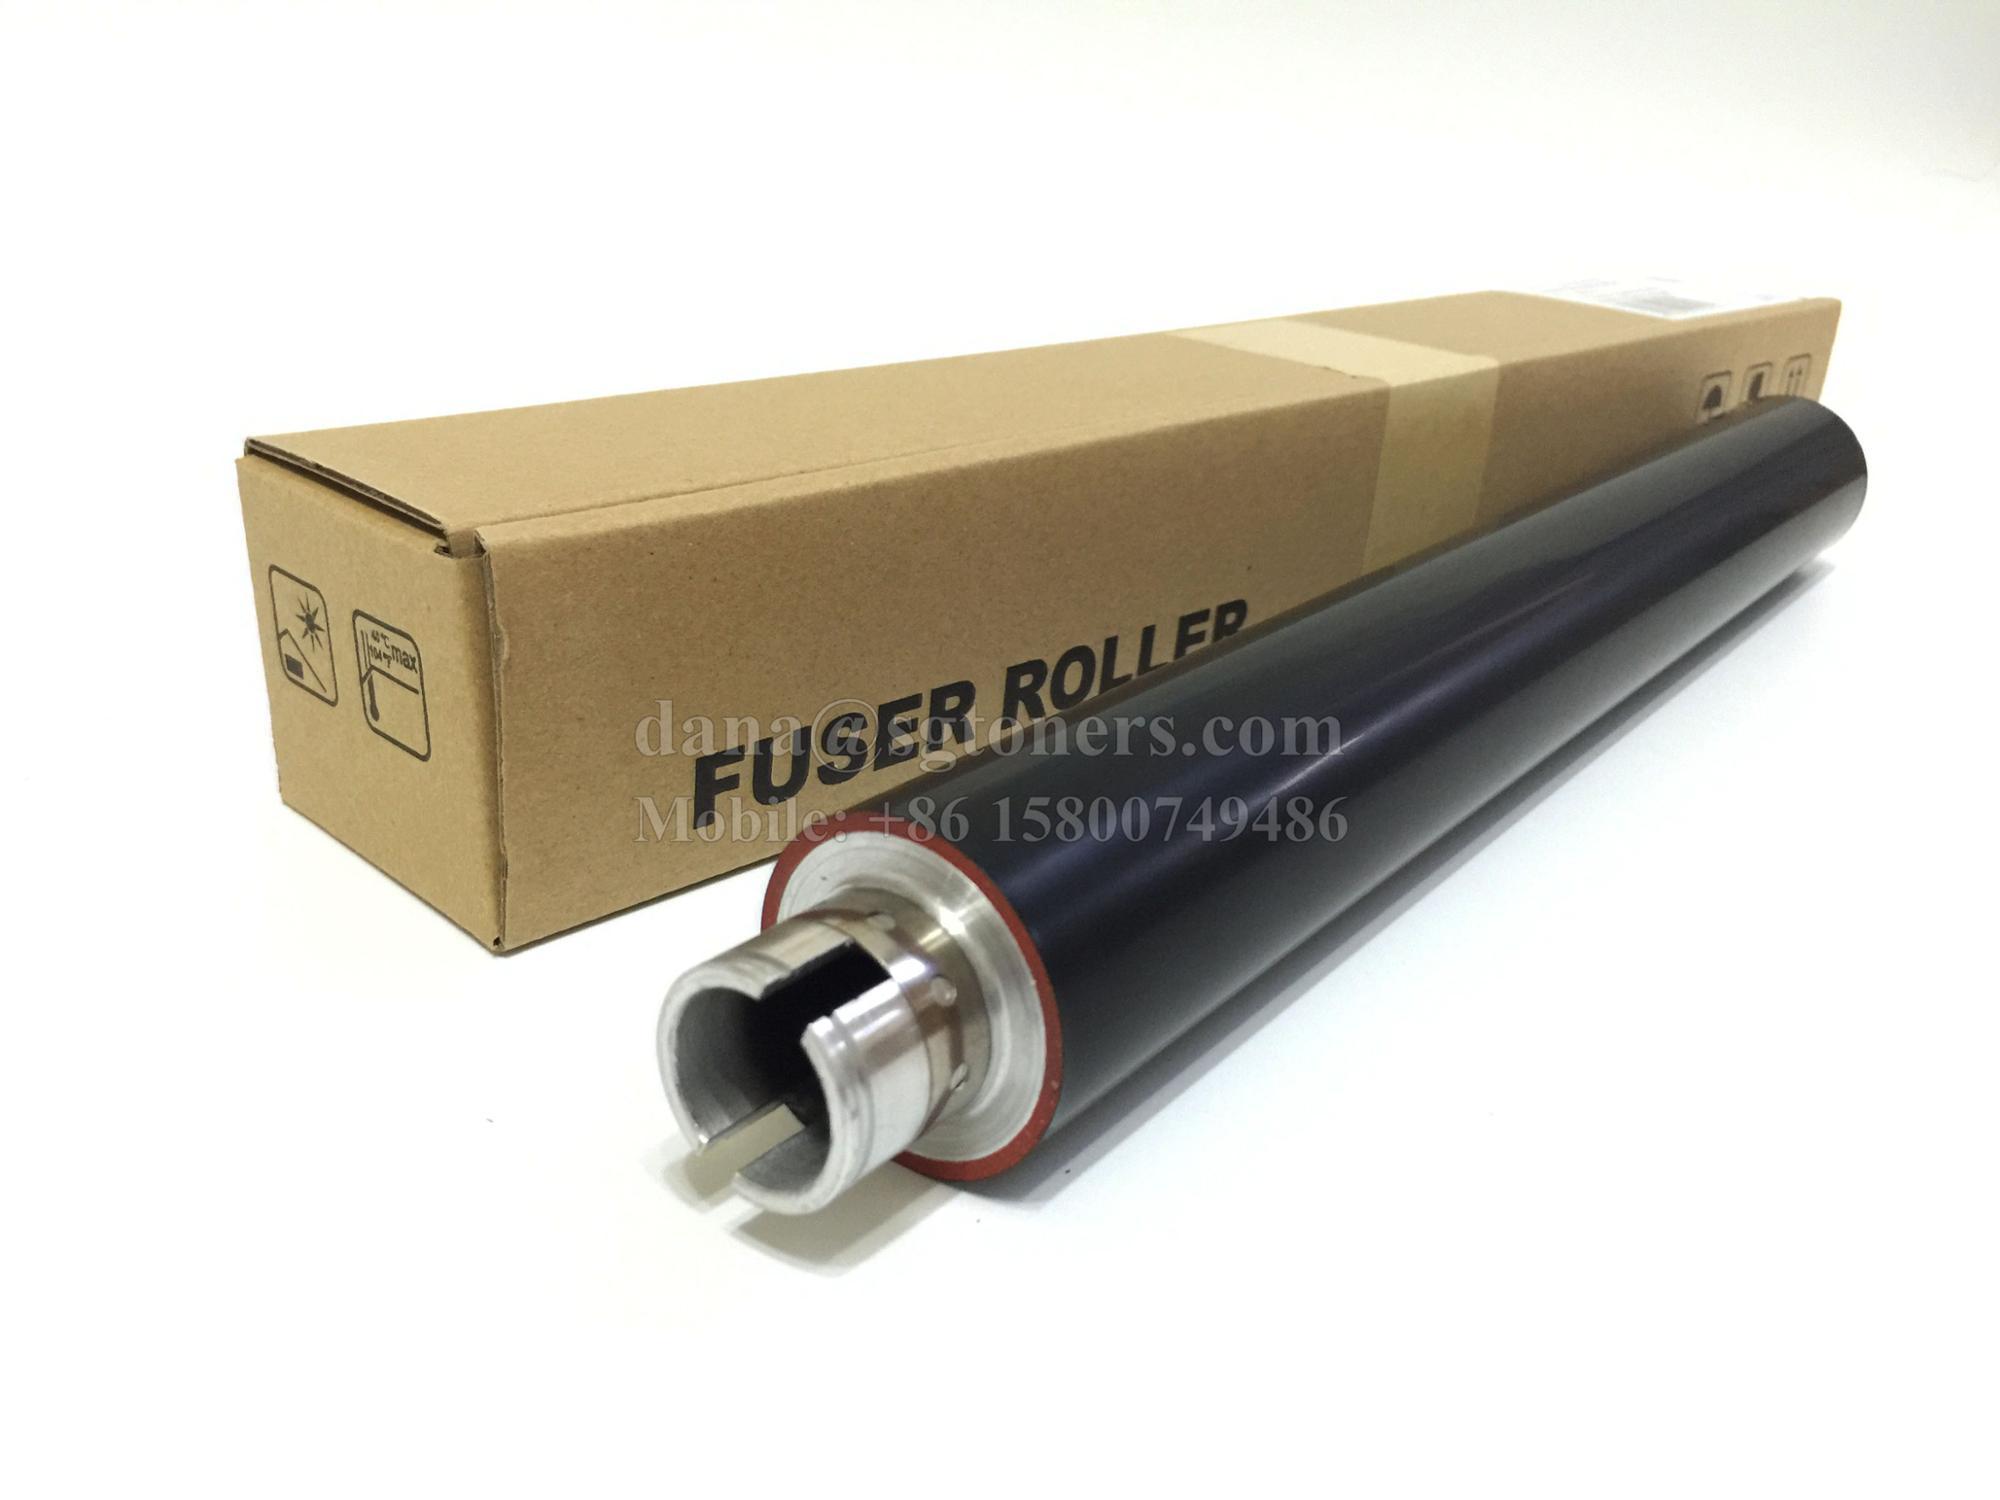 toshiba e-studio 2330c 2830c 3530c 3040c 3540c fuser